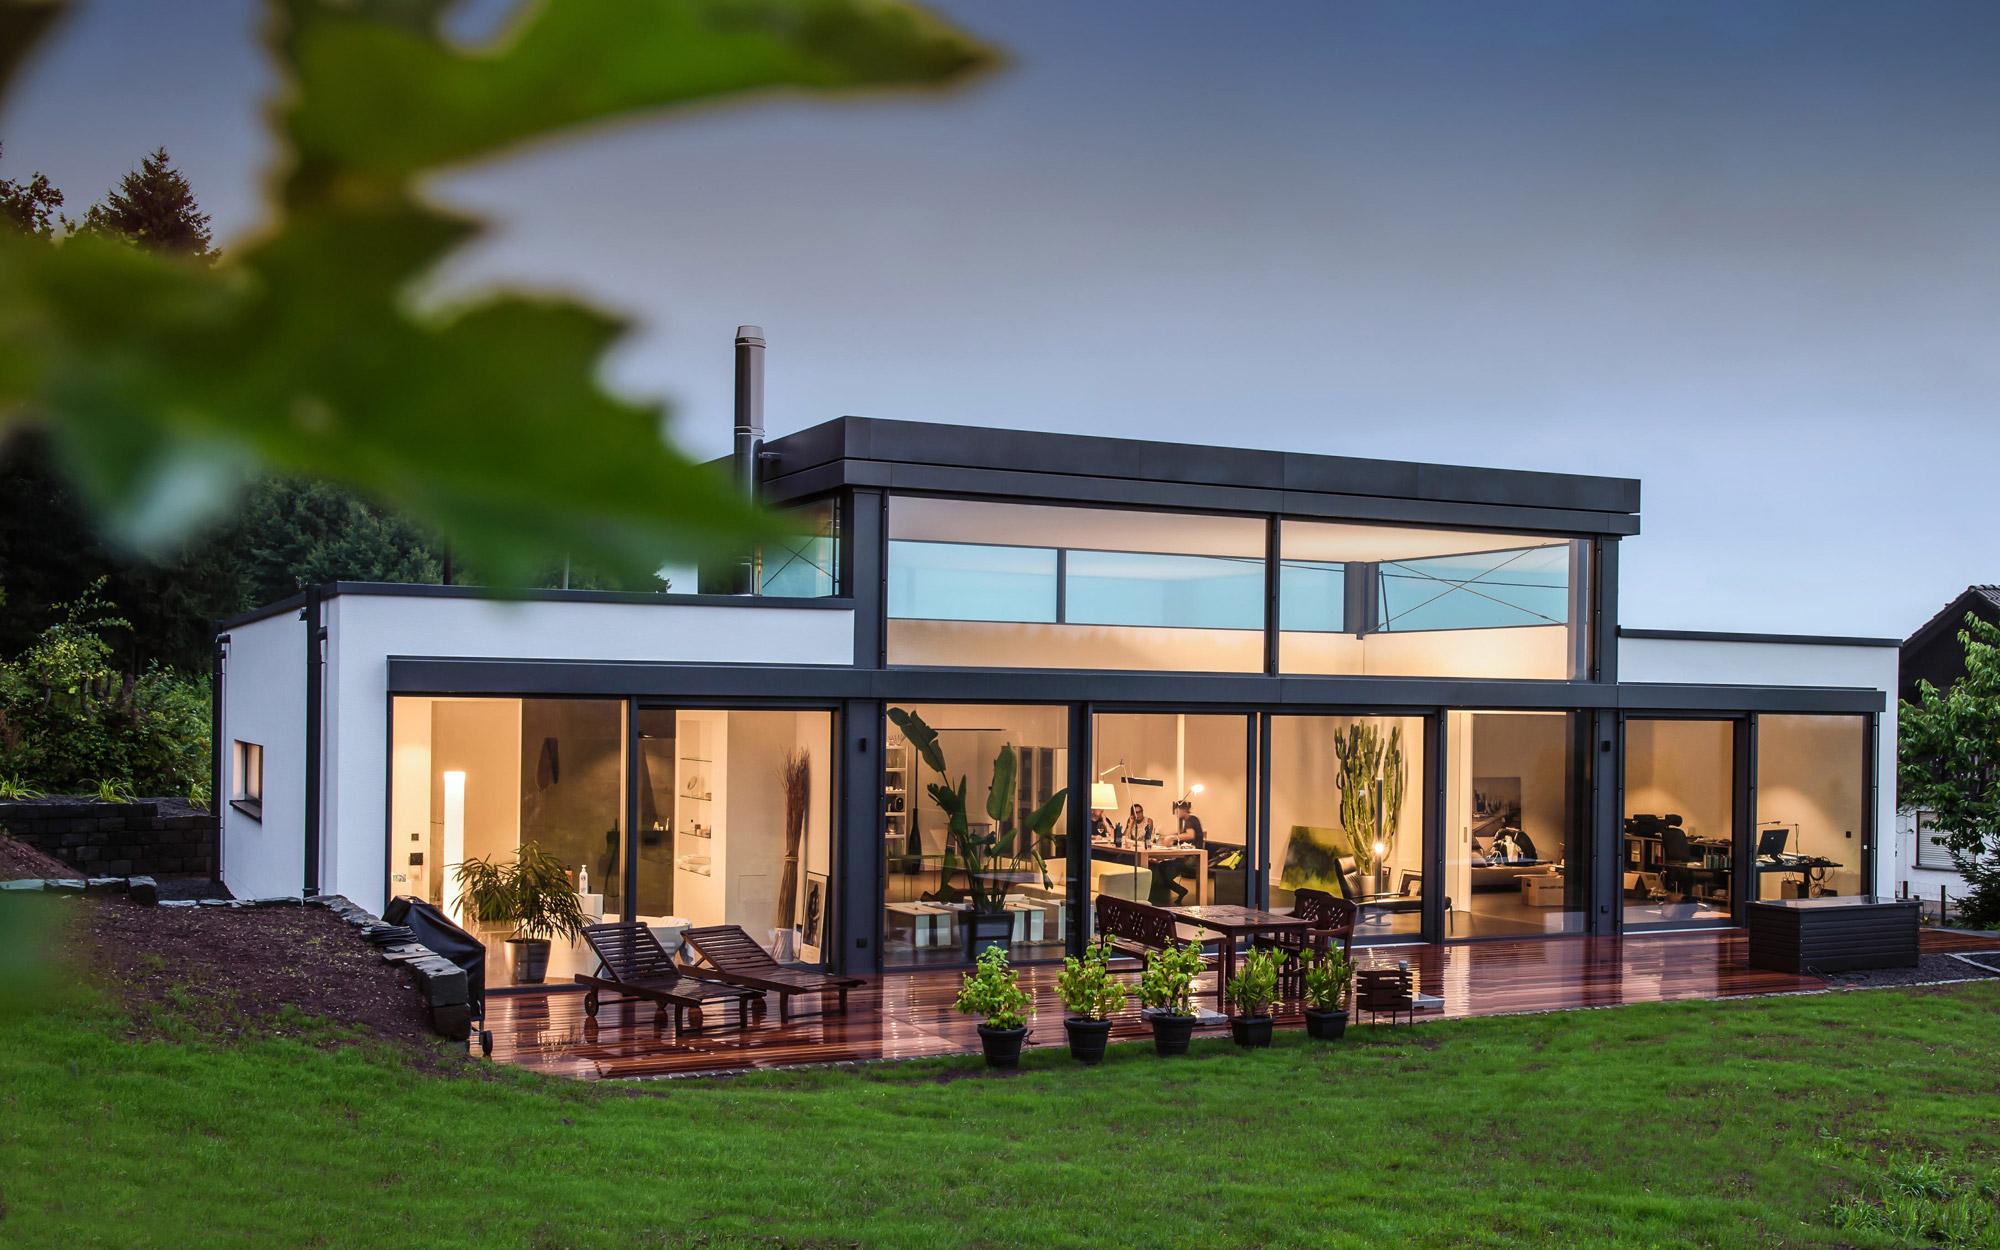 Einfamilienwohnhaus Architekturbuero Heinz